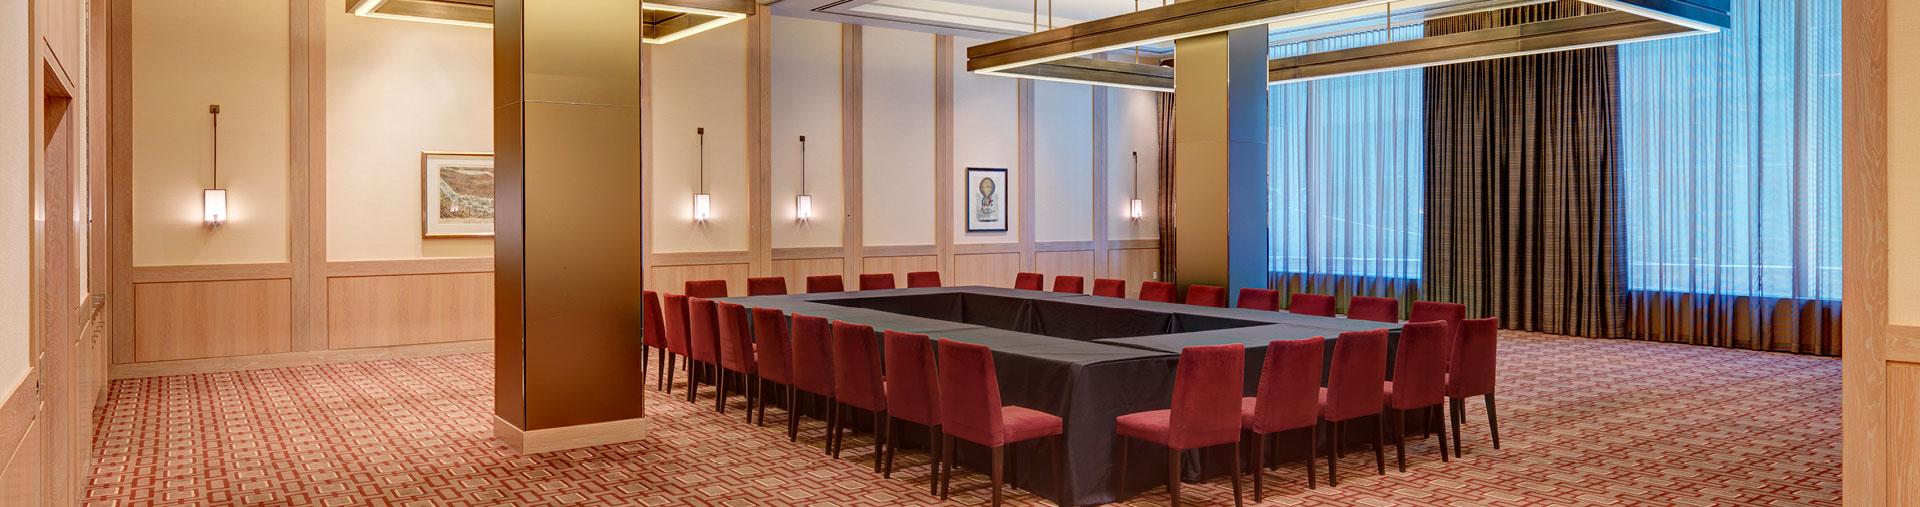 Corporate meeting space inside Vanderbilt Suites in midtown NYC